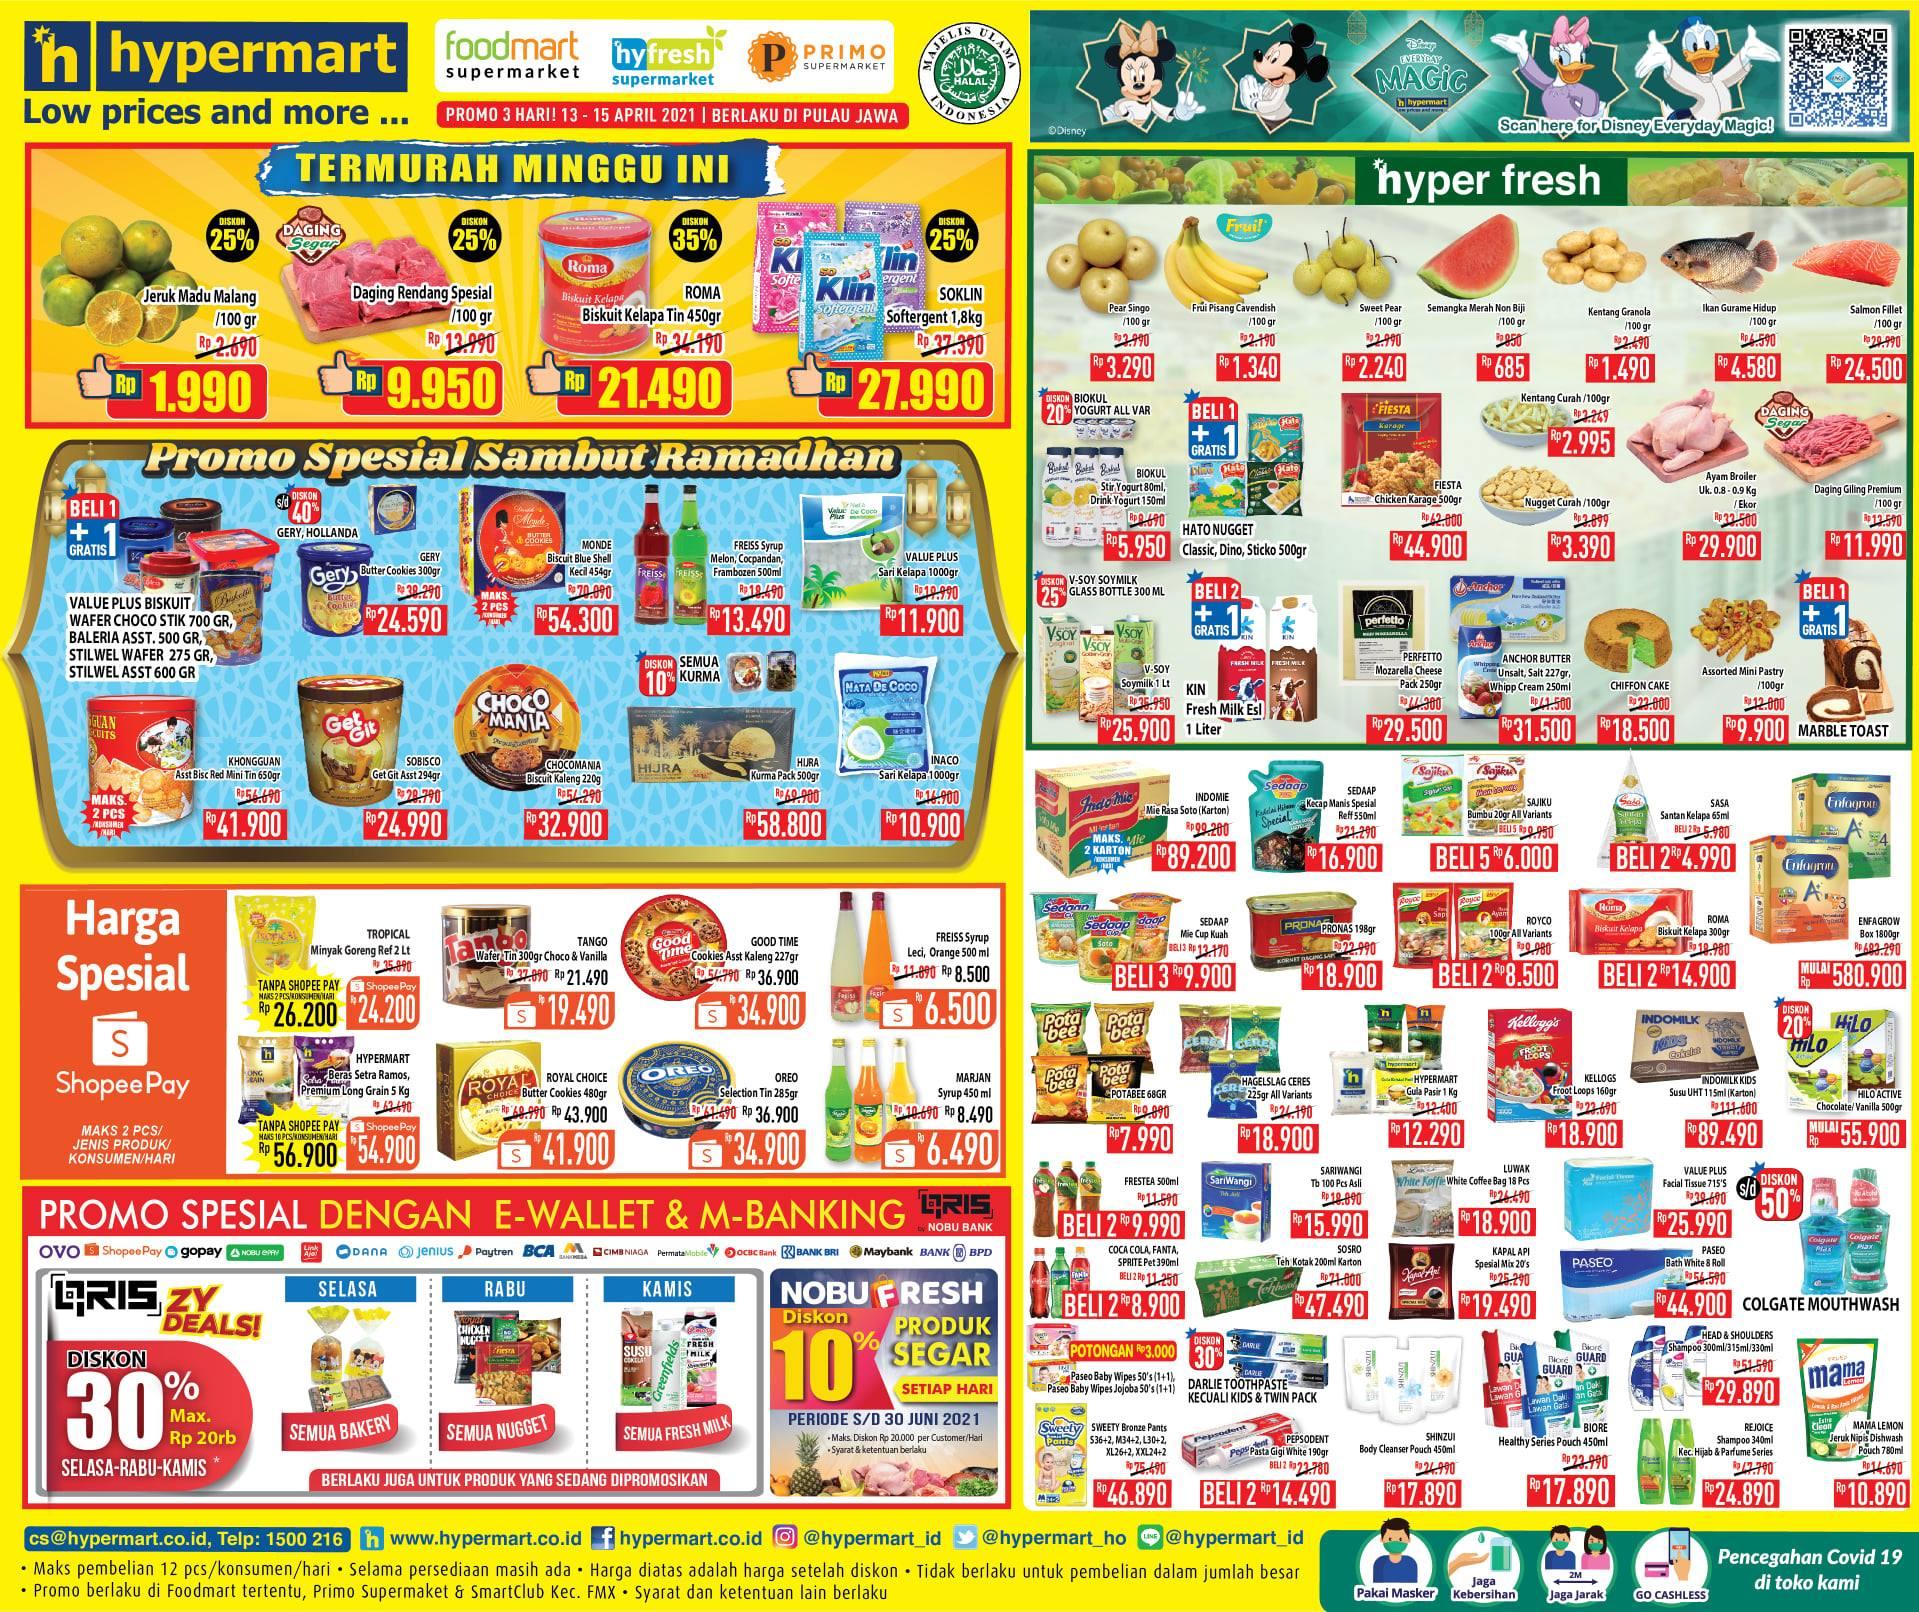 Katalog Promo Hypermart Weekday Hari Terakhir 15 April 2021, Cemilan Murah,  Daging Segar Diskon 25% - Pos Kupang